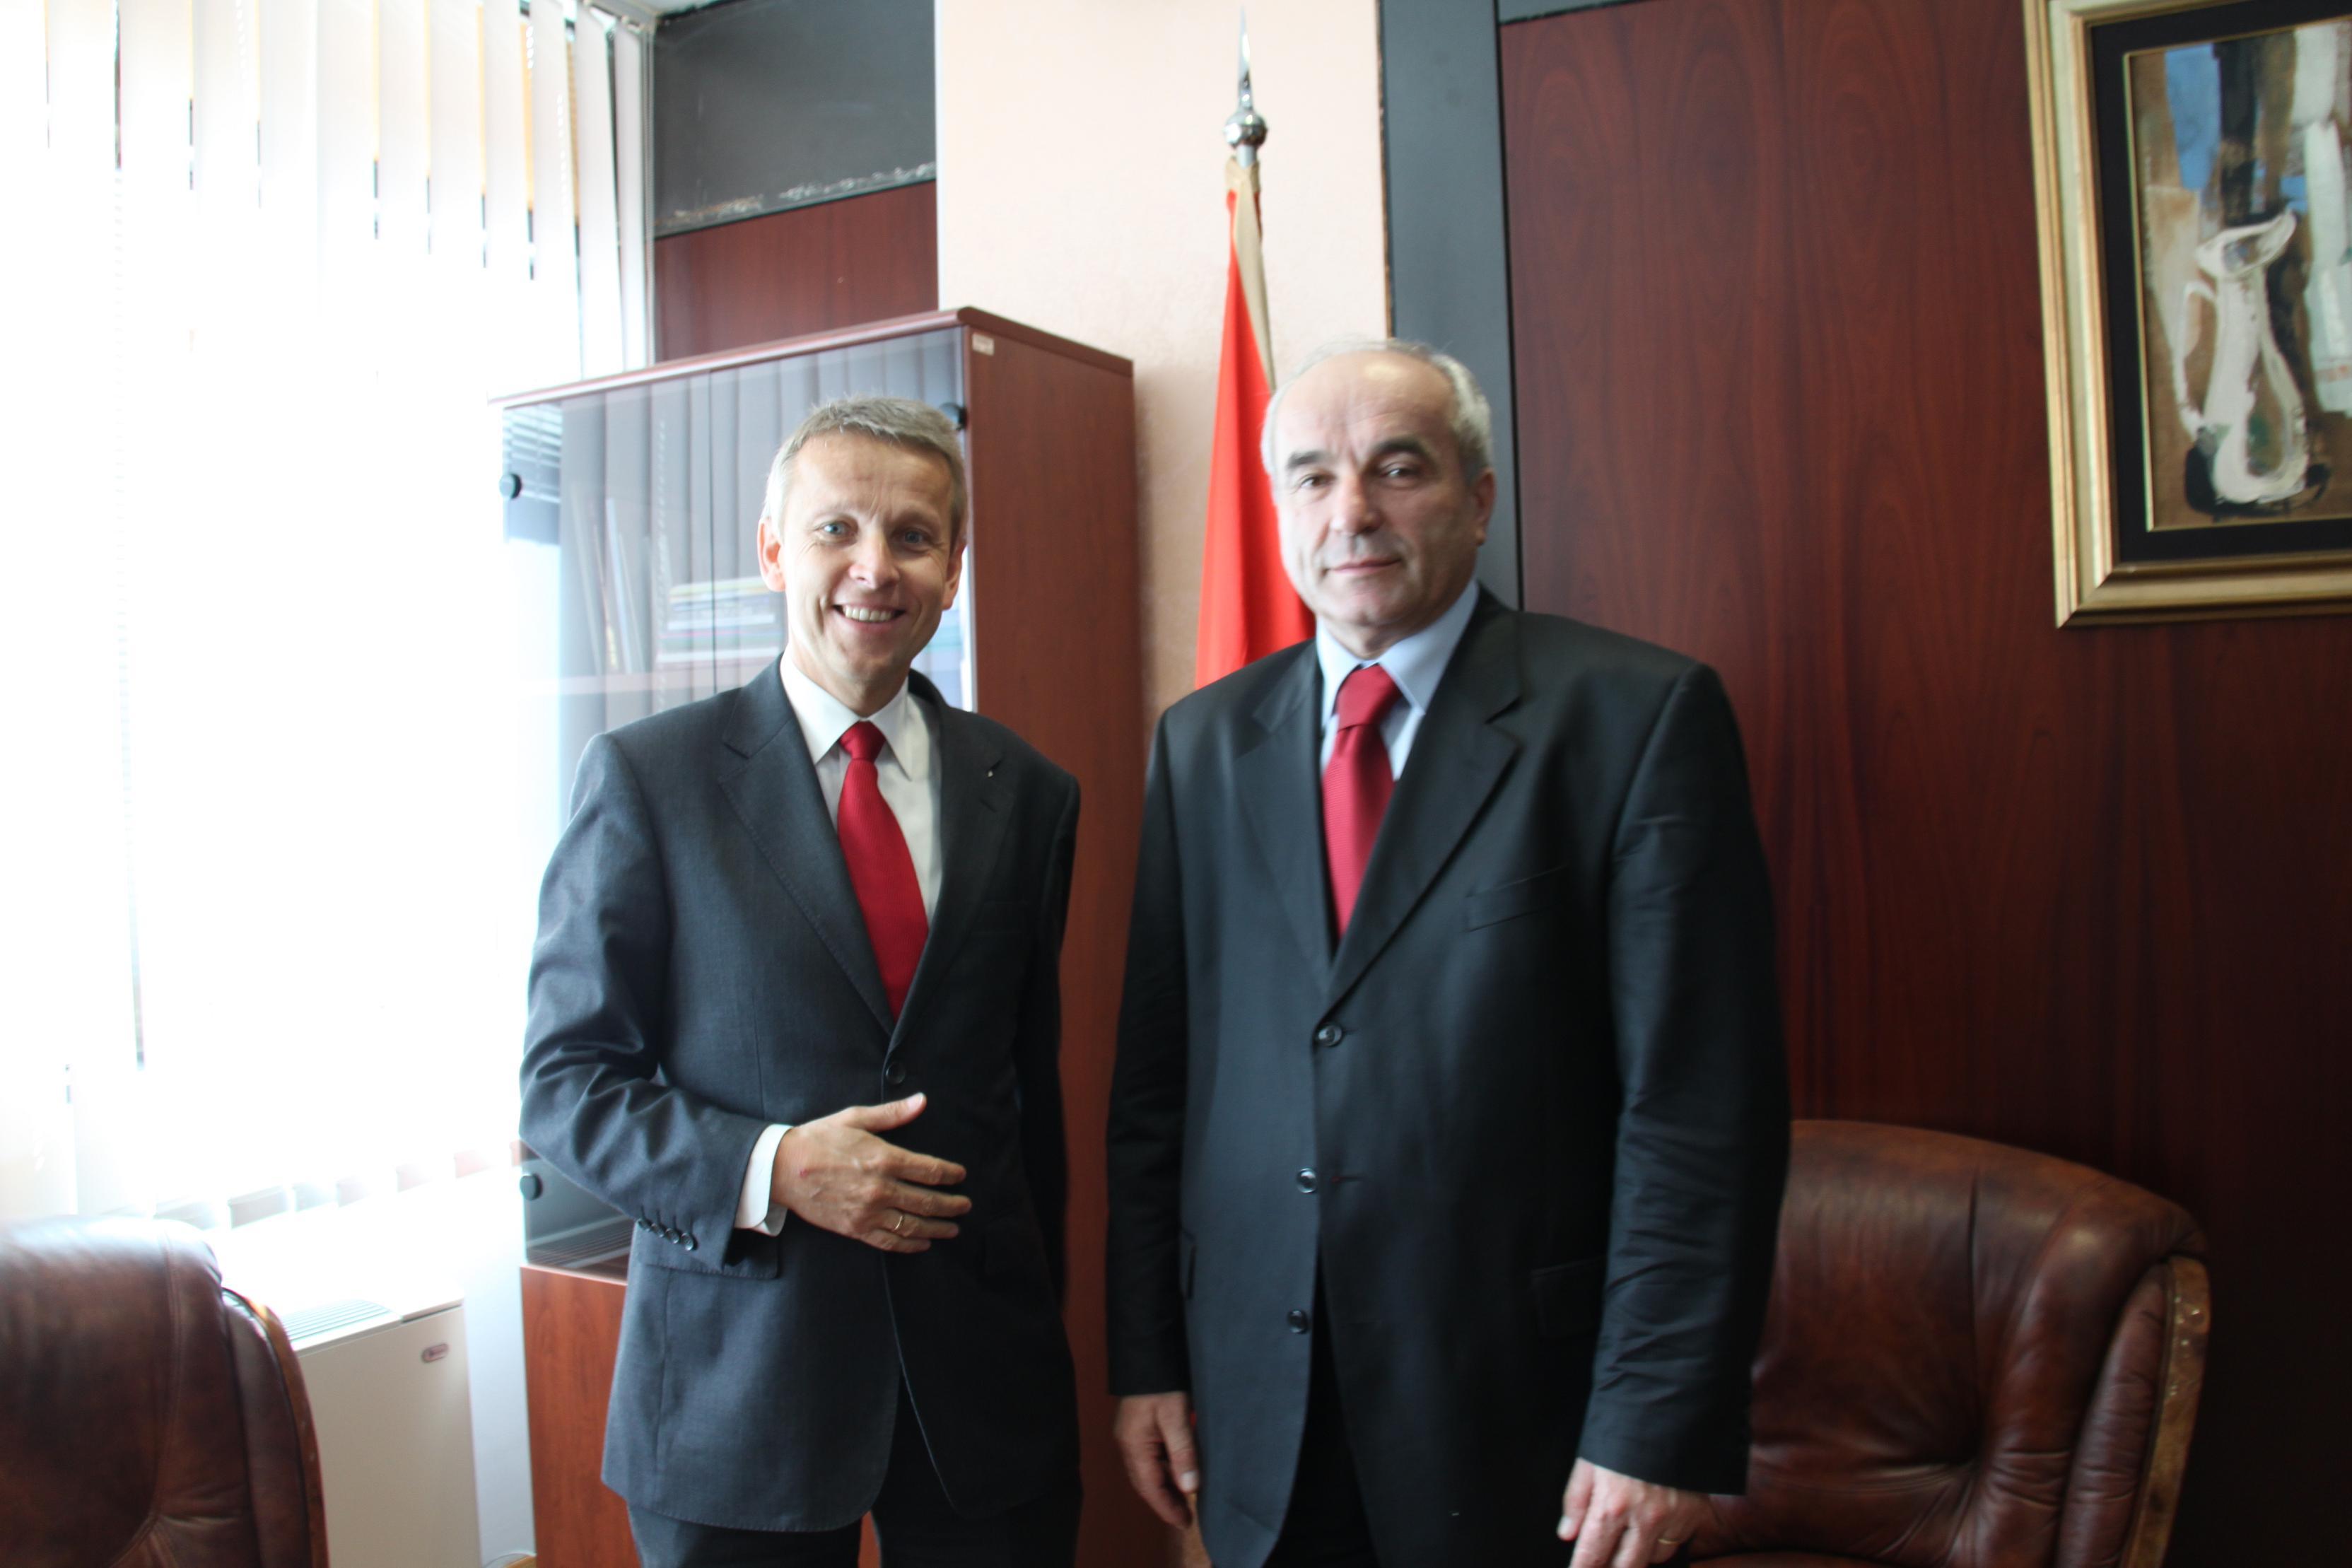 MIt Wirtschaftsminister Branko Vujovic (C) Sven Pöllauer